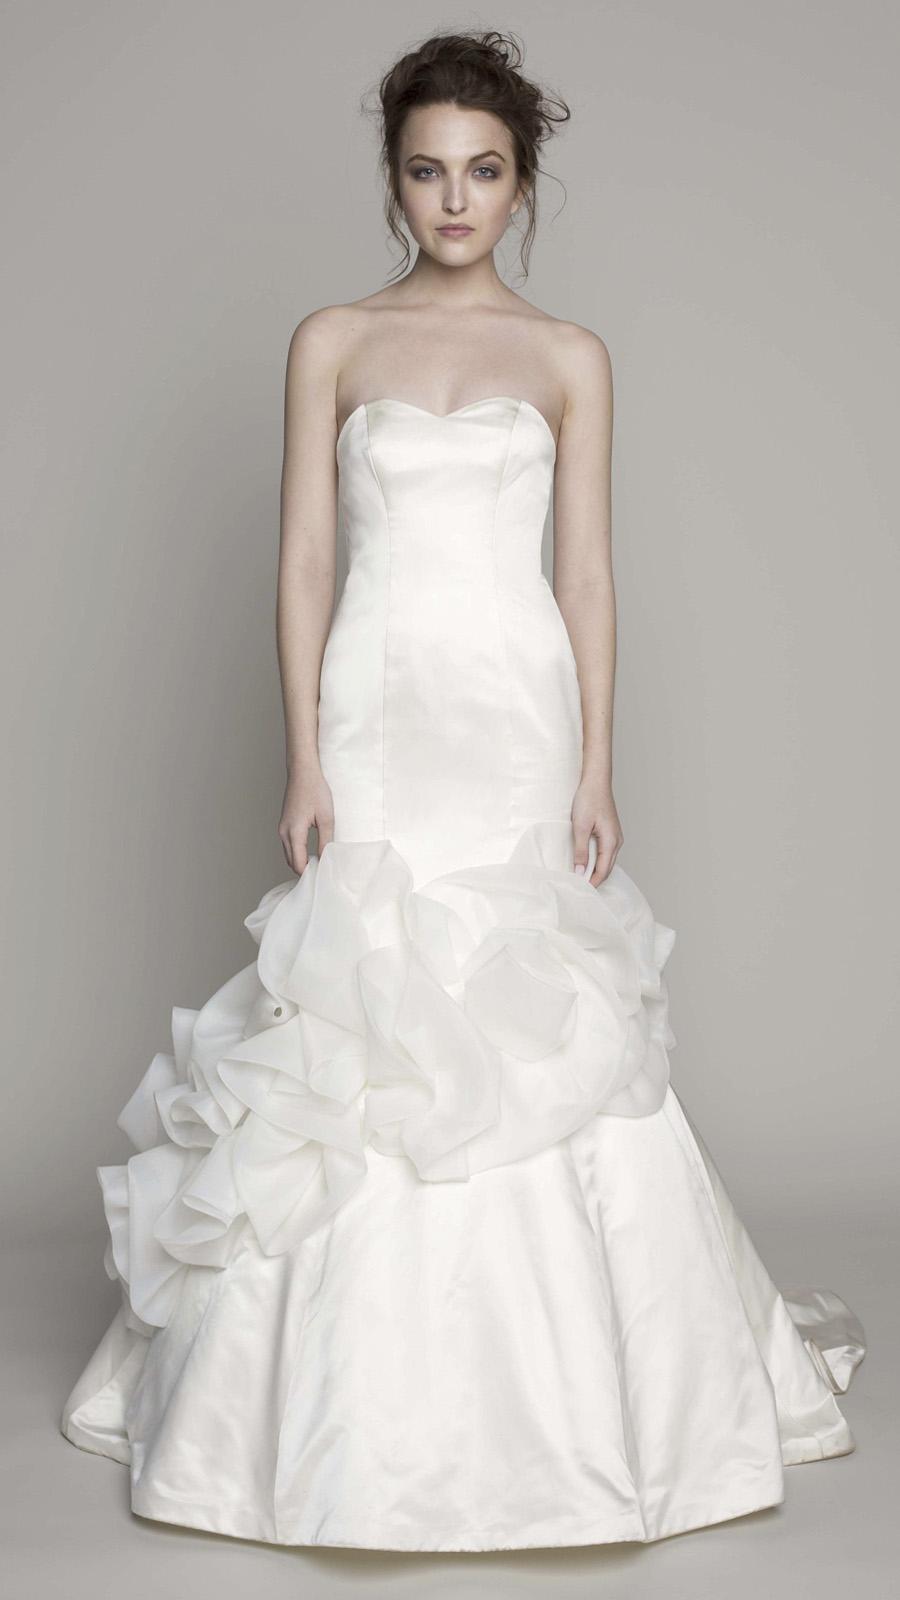 faetani wedding gown 2014 (28)